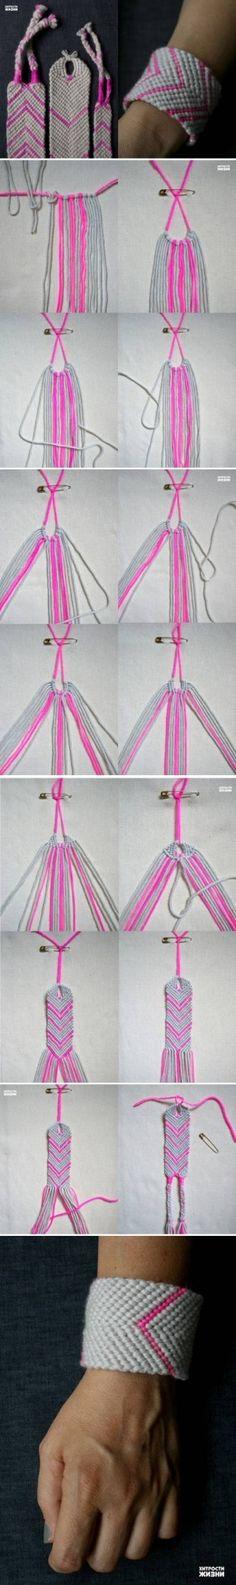 DIY Baubles Weave Bracelet DIY Baubles Weave Bracelet by diyforever